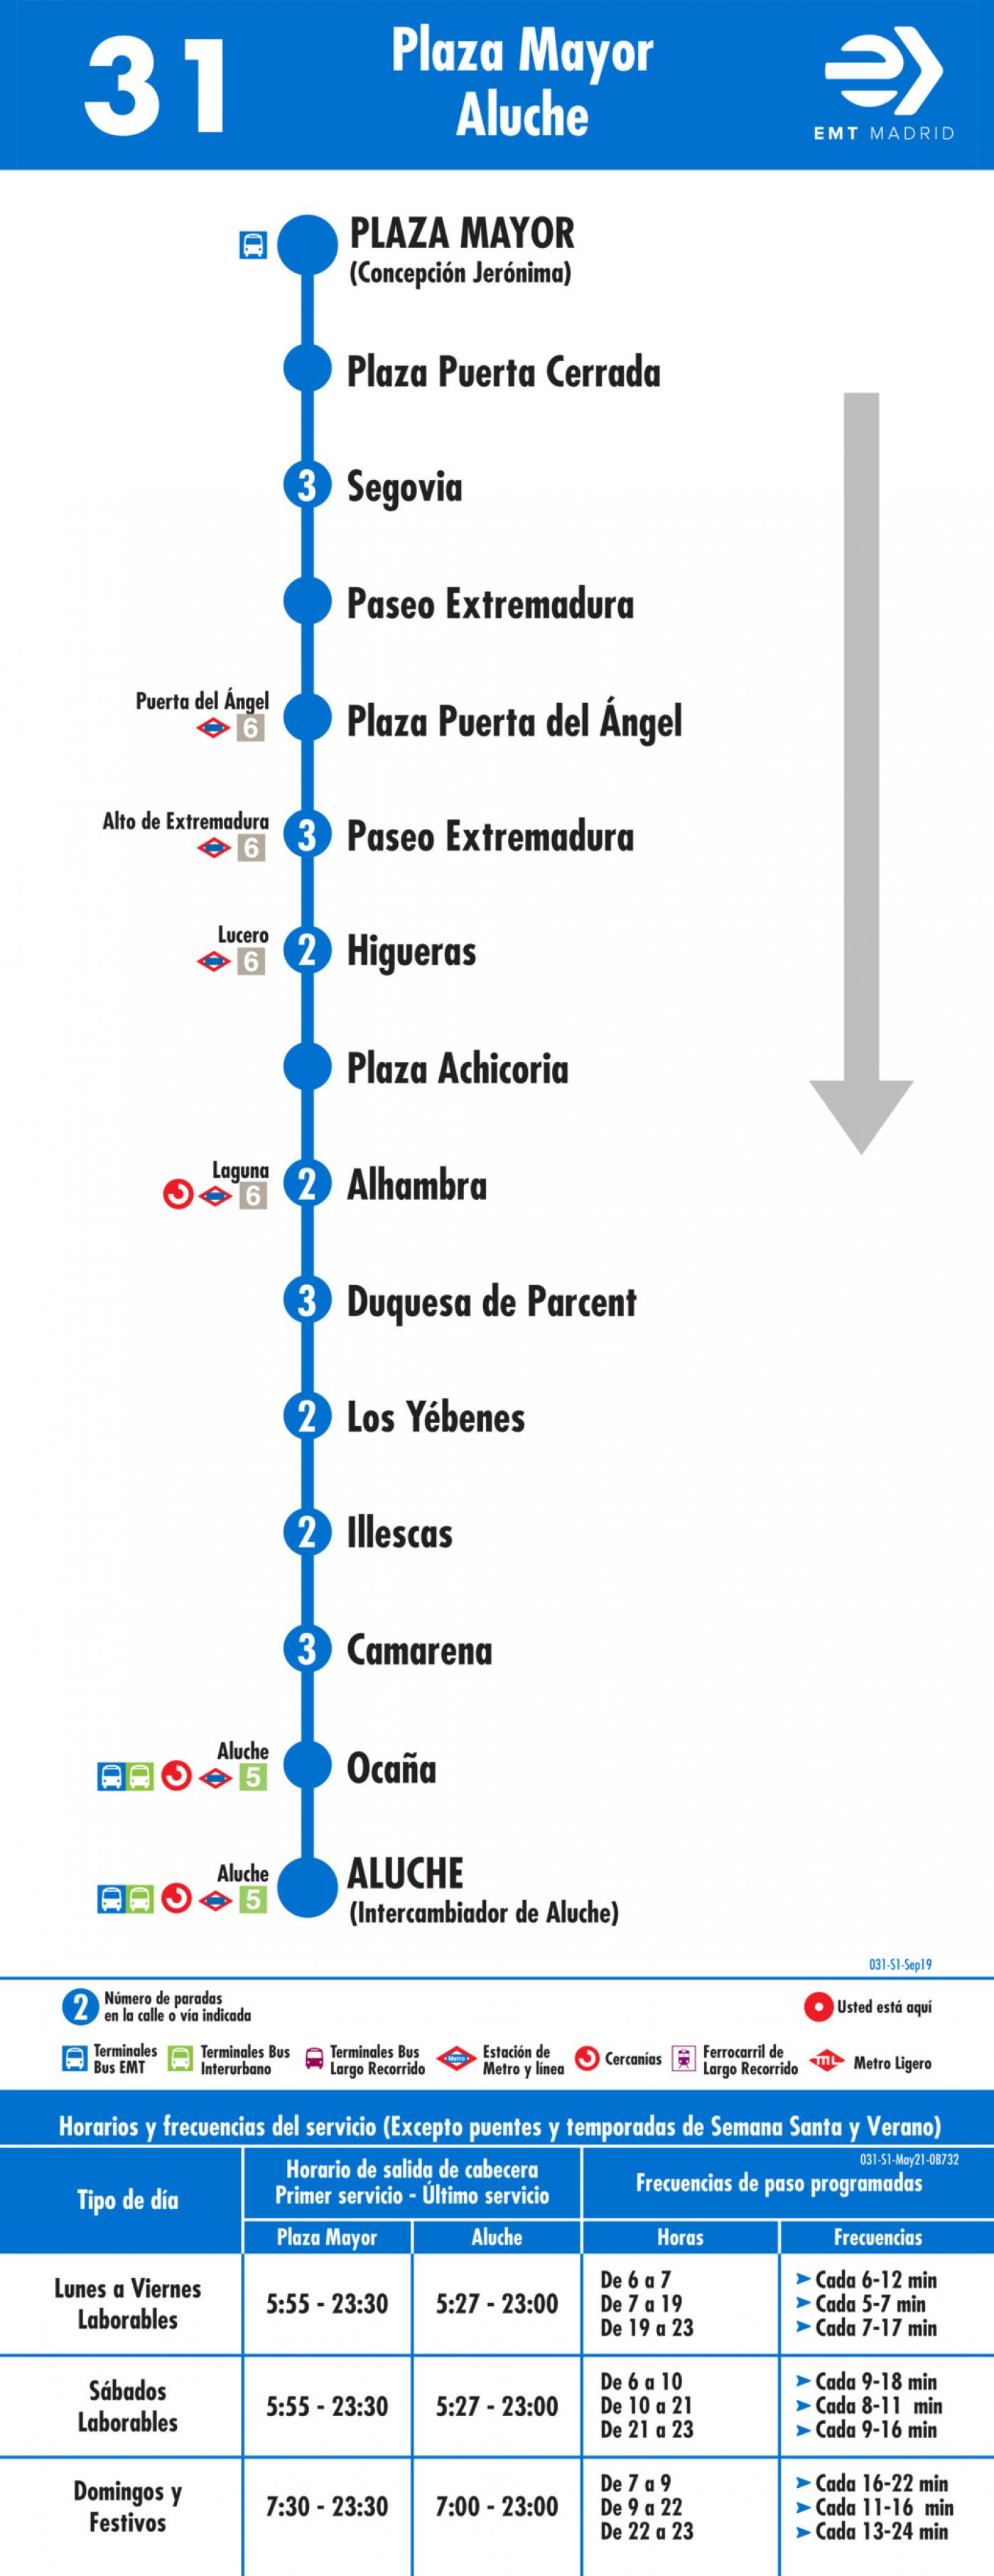 Tabla de horarios y frecuencias de paso en sentido ida Línea 31: Plaza Mayor - Aluche